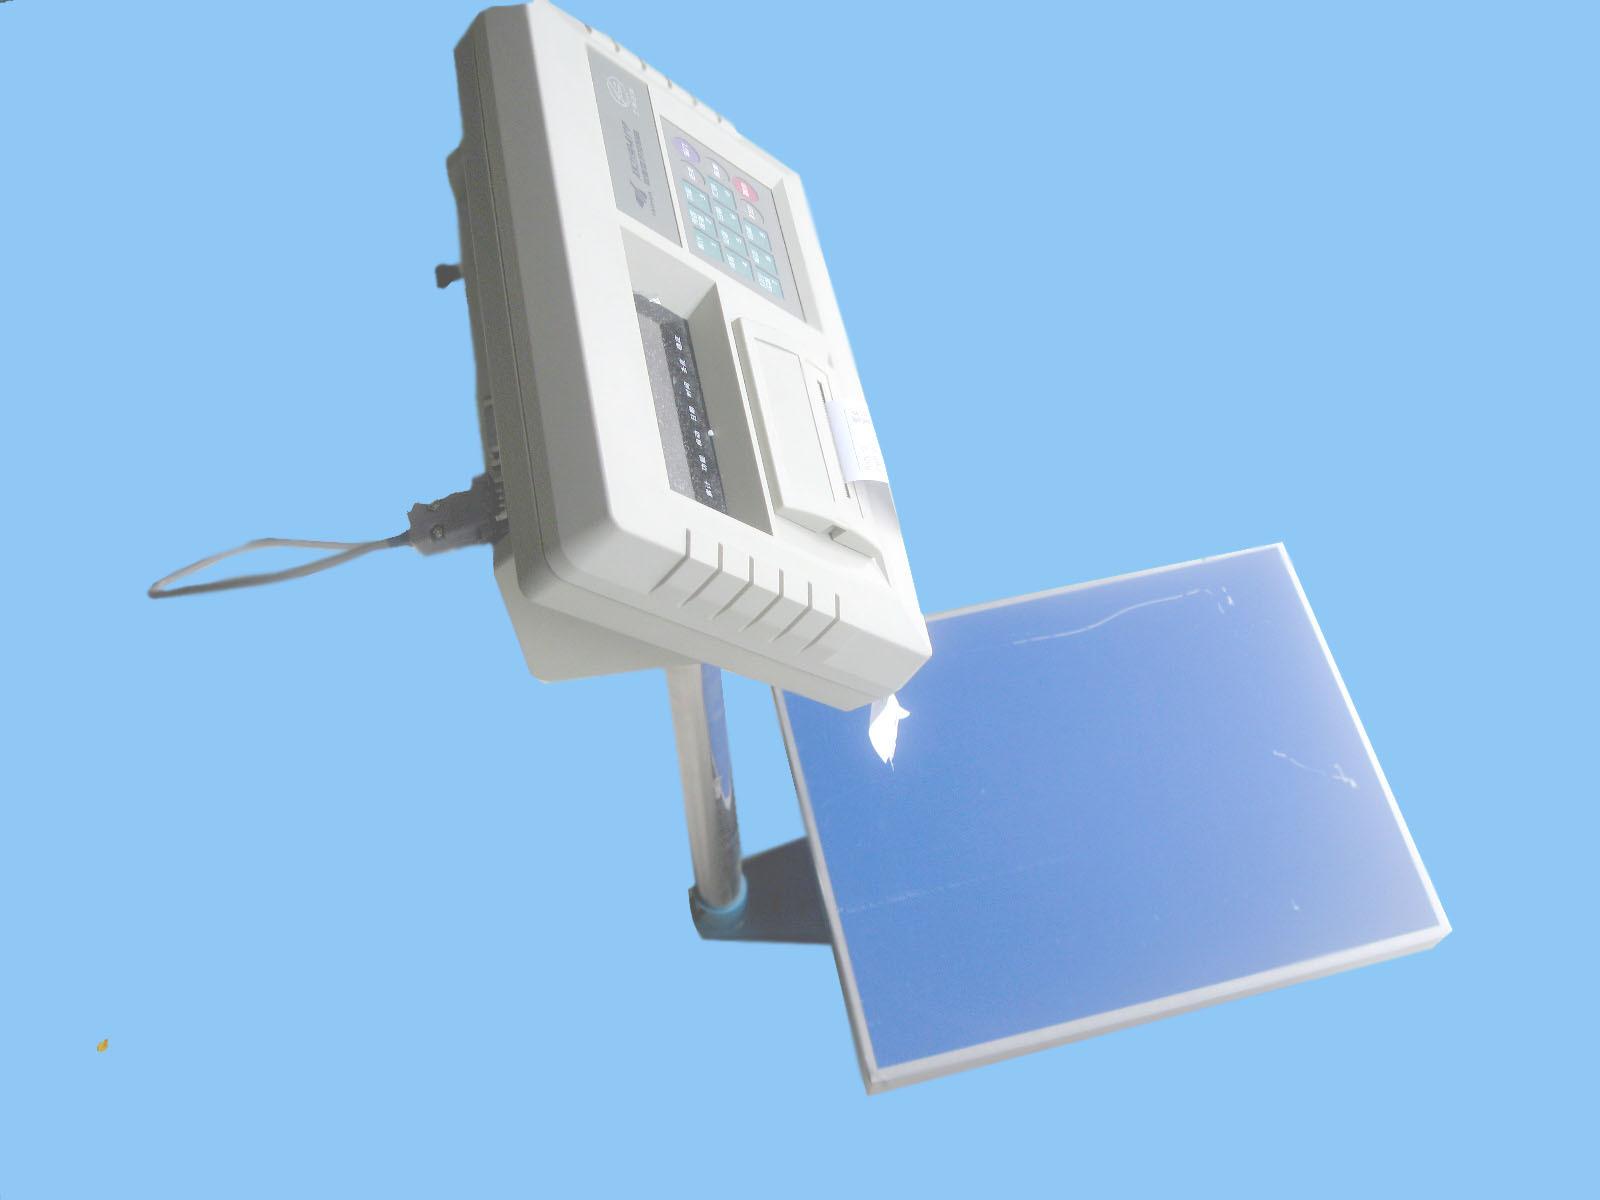 通信测试 逻辑分析仪 880 上海耀华xk3190-a1 p内置微型打印机电子秤